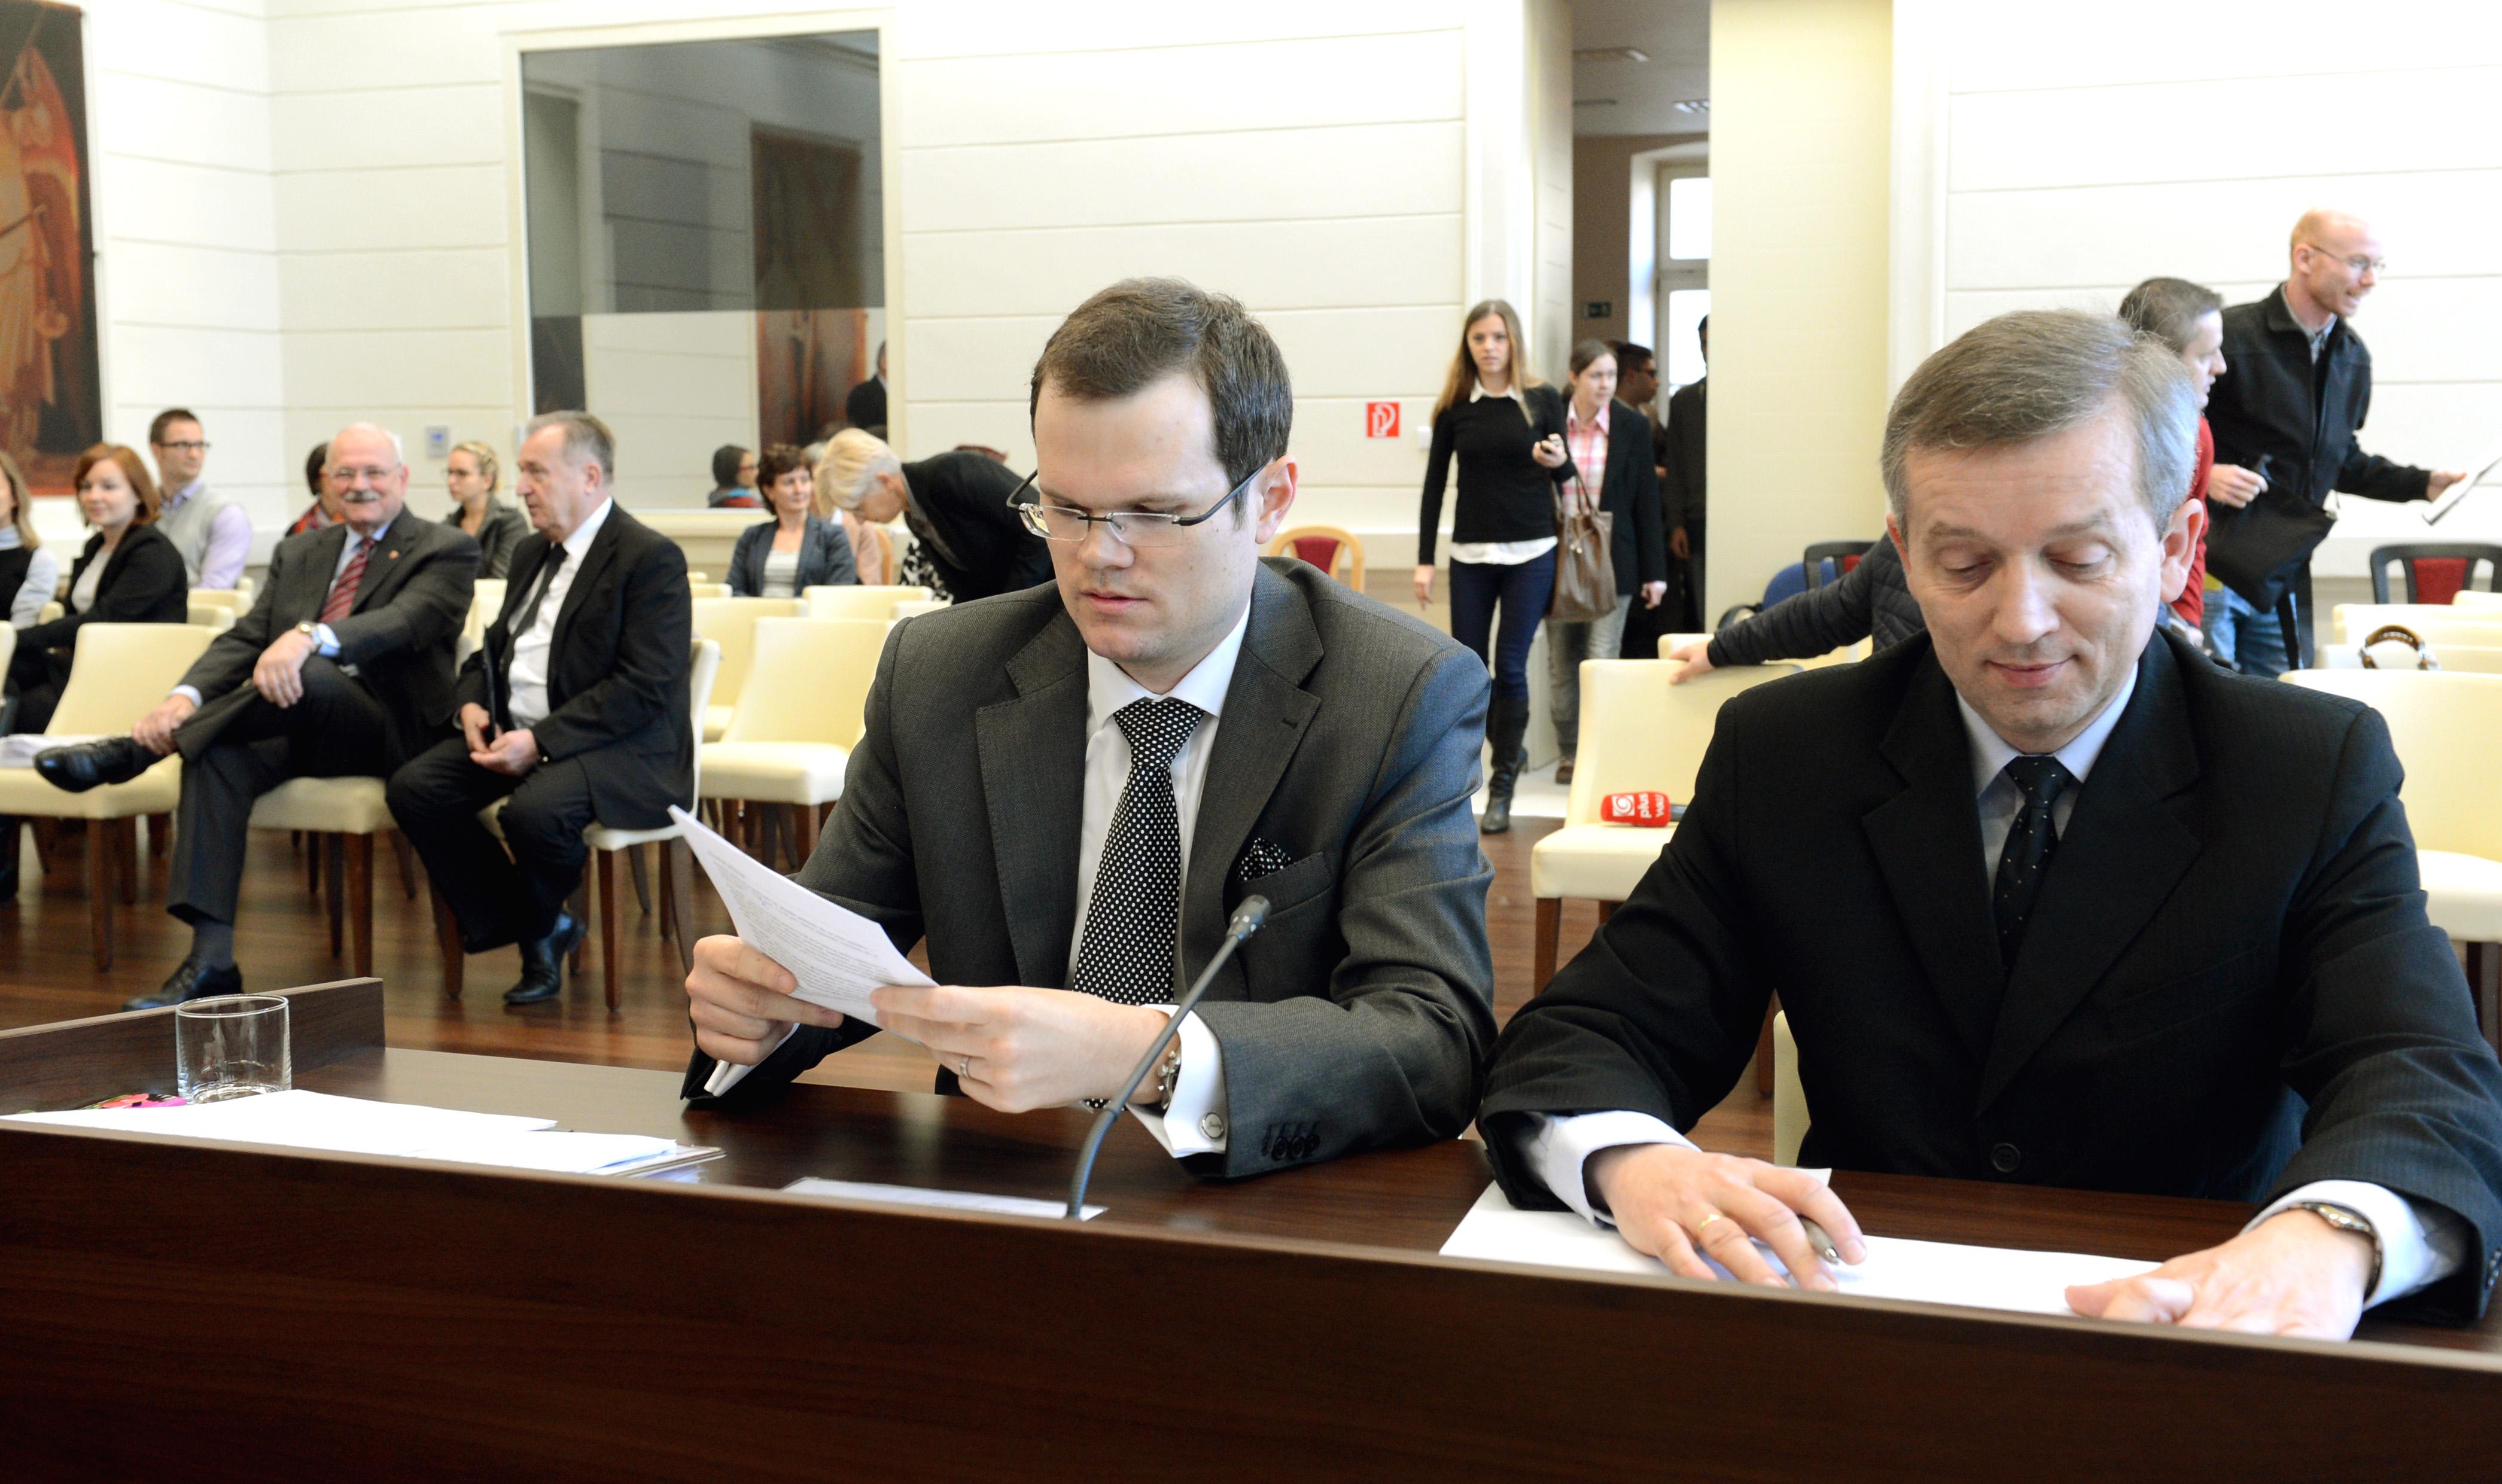 Peter Kubina (vľavo) úspešne zastupoval na Ústavnom súde nevymenovaného kandidáta na generálneho prokurátora Jozefa Čentéša. FOTO TASR – Františšek Iván